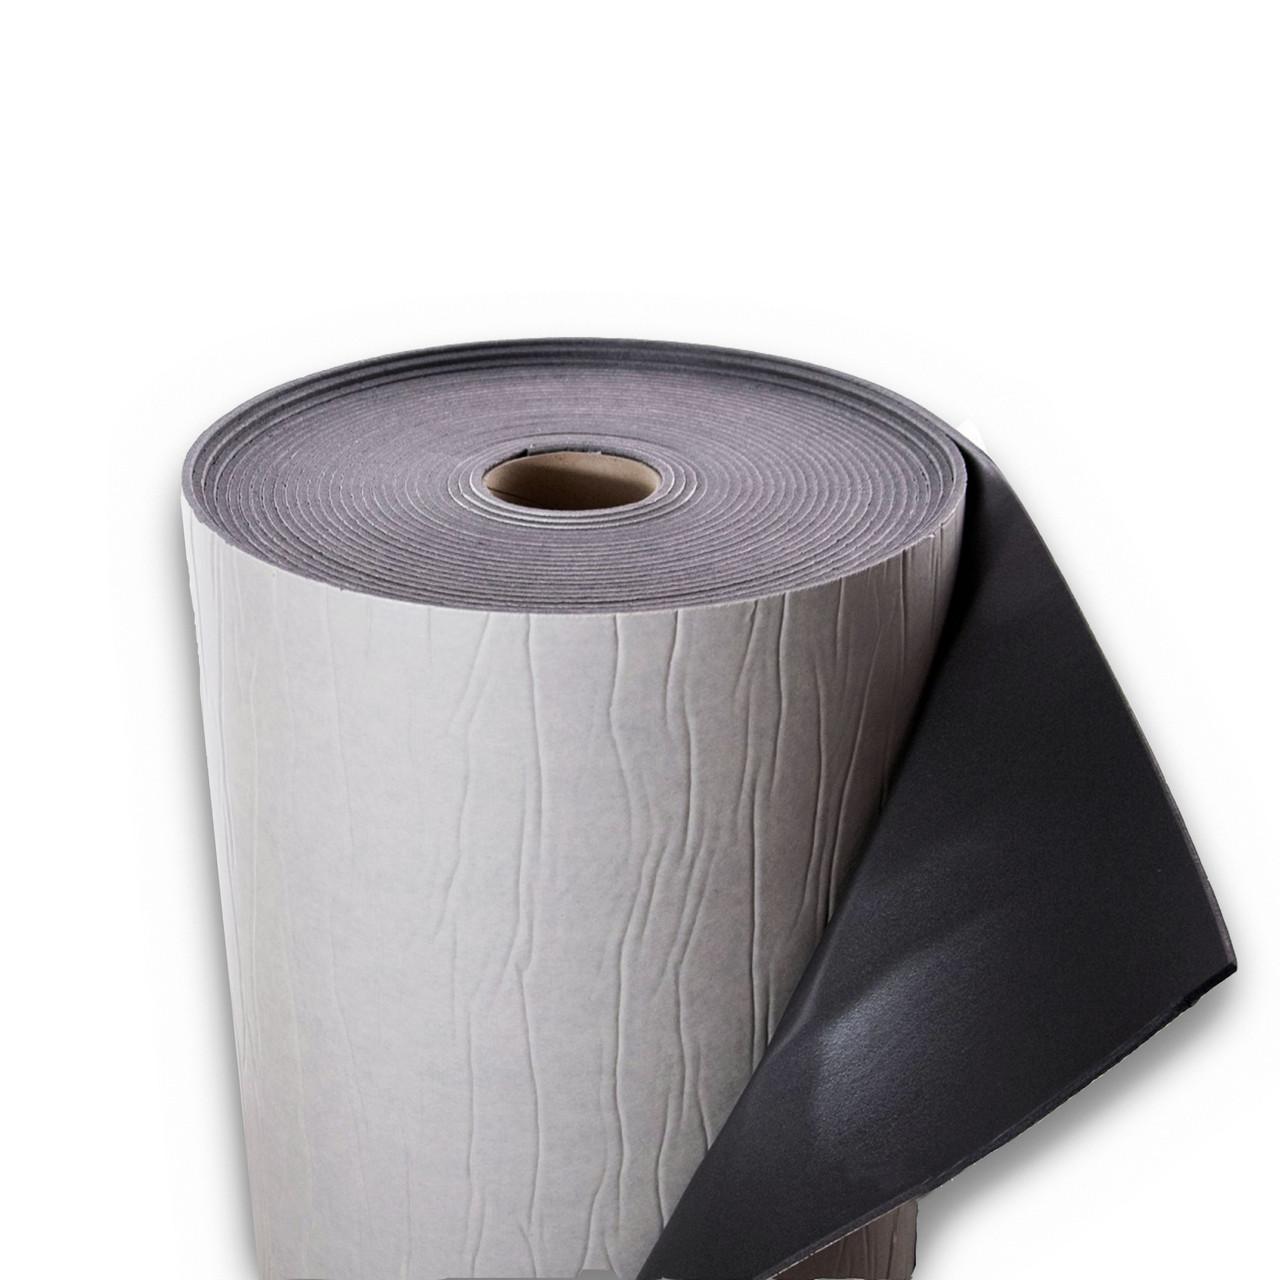 Физически сшитый вспененный полиэтилен самоклеящийся, 2 мм (темно-серый)